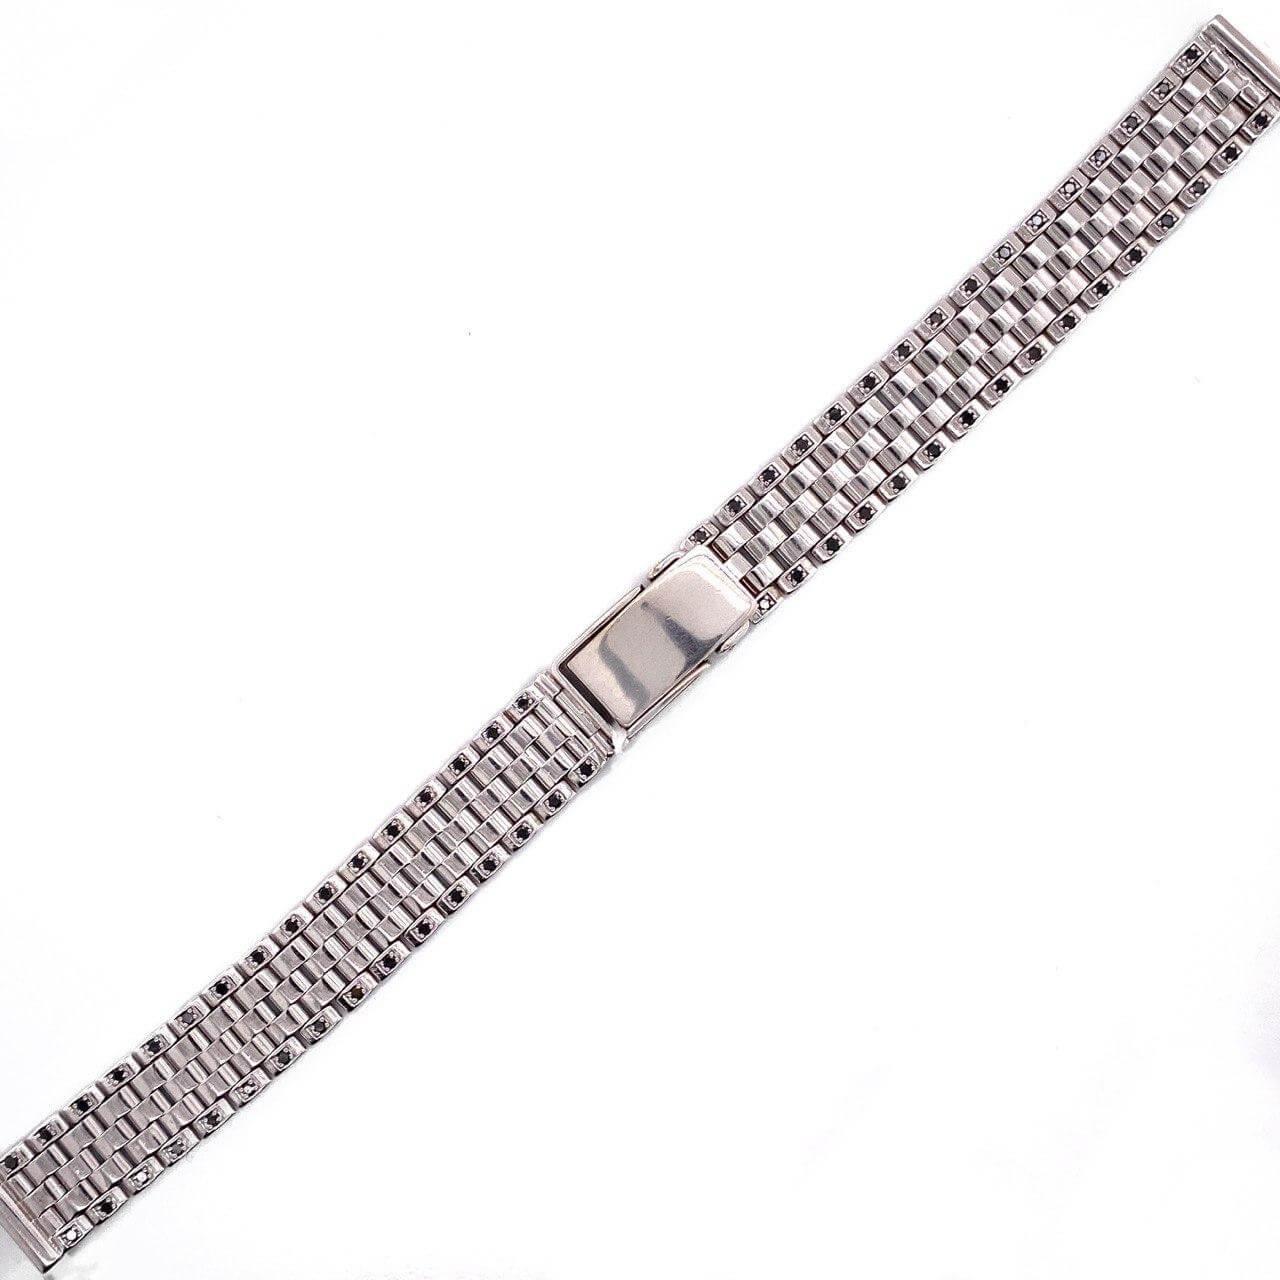 Женский браслет для часов из белого золота с чёрным бриллиантом размер присоединительного ушка 10 арт. 32180114 32180114